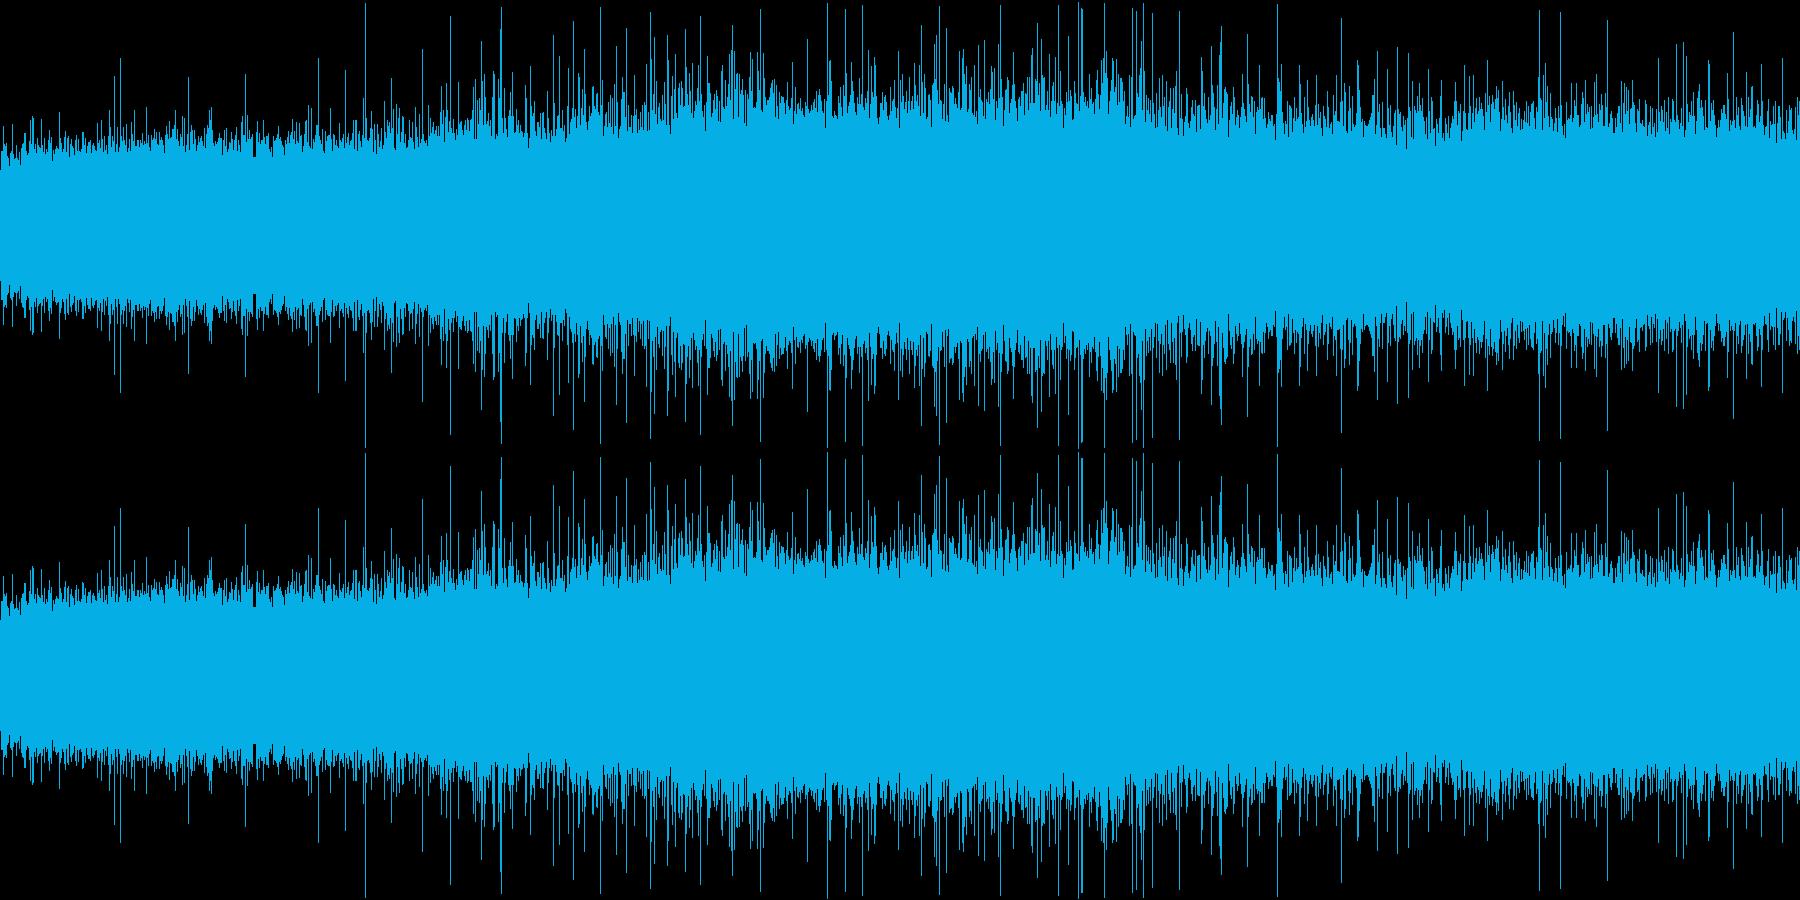 雨音(激しめ)の再生済みの波形